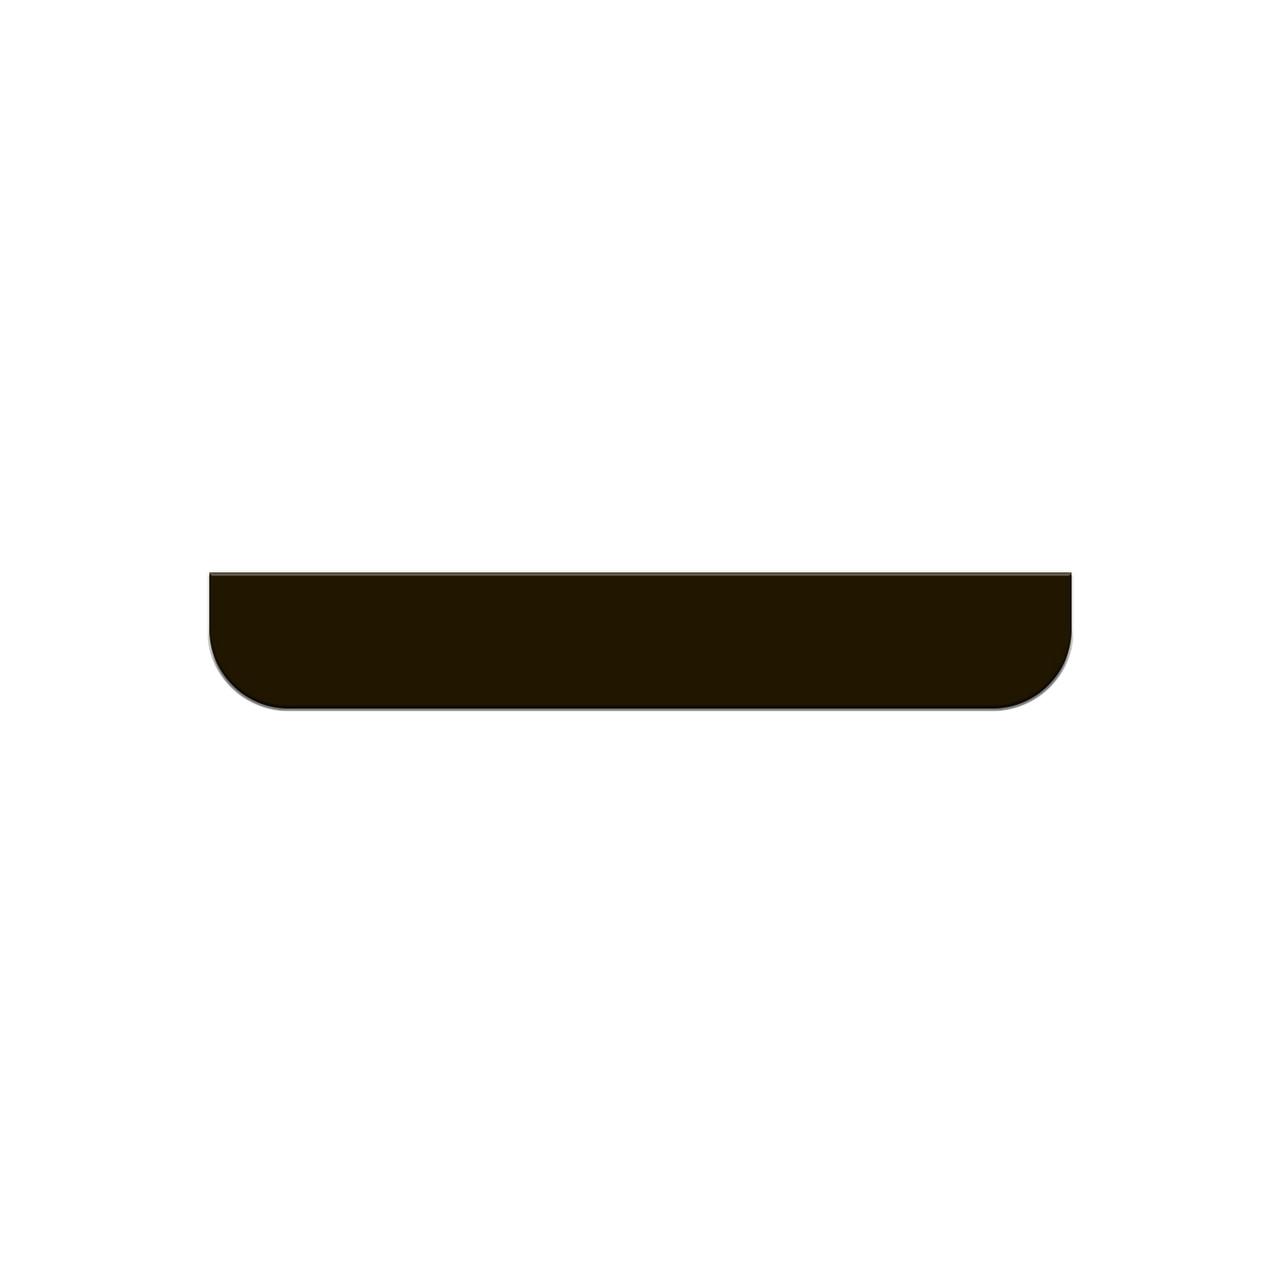 Стекло Apple iPhone 5/5S заднее нижнее Black (58)